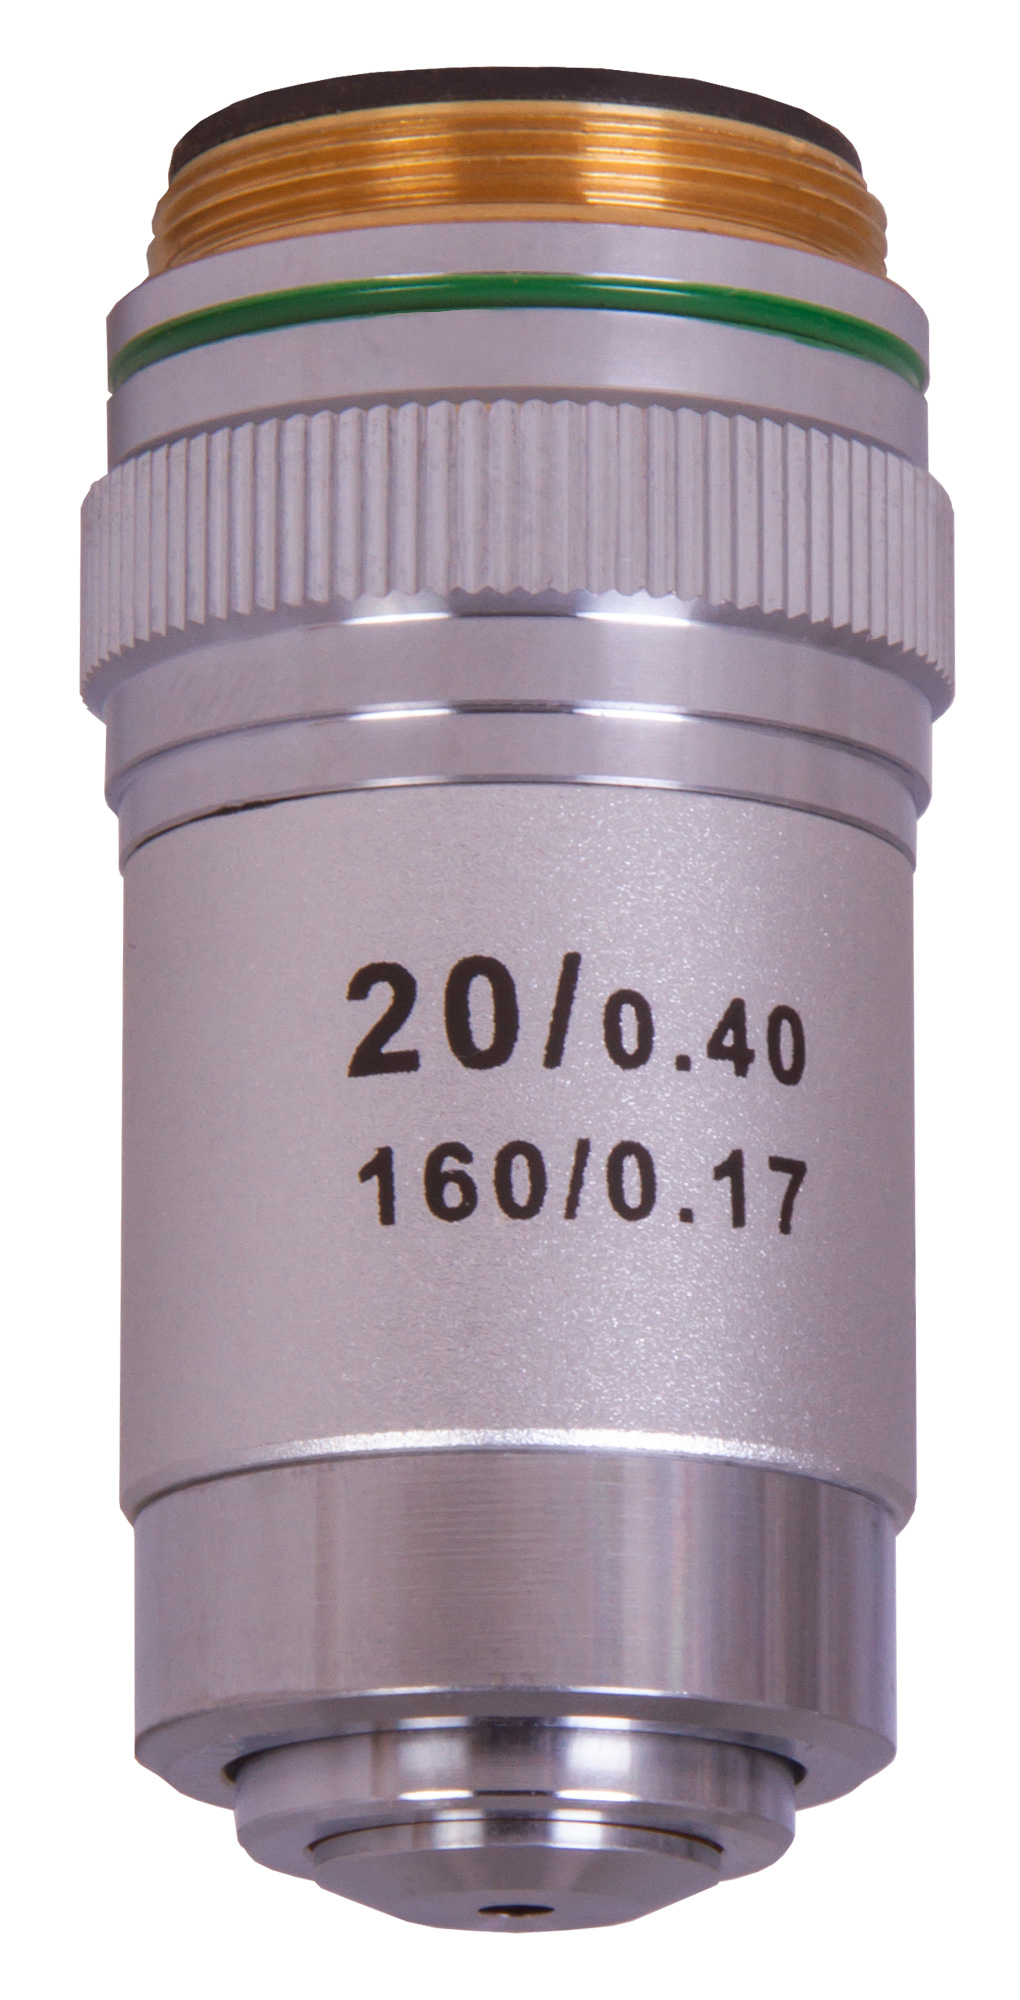 Картинка для Объектив ахроматический Levenhuk (Левенгук) MED 20x